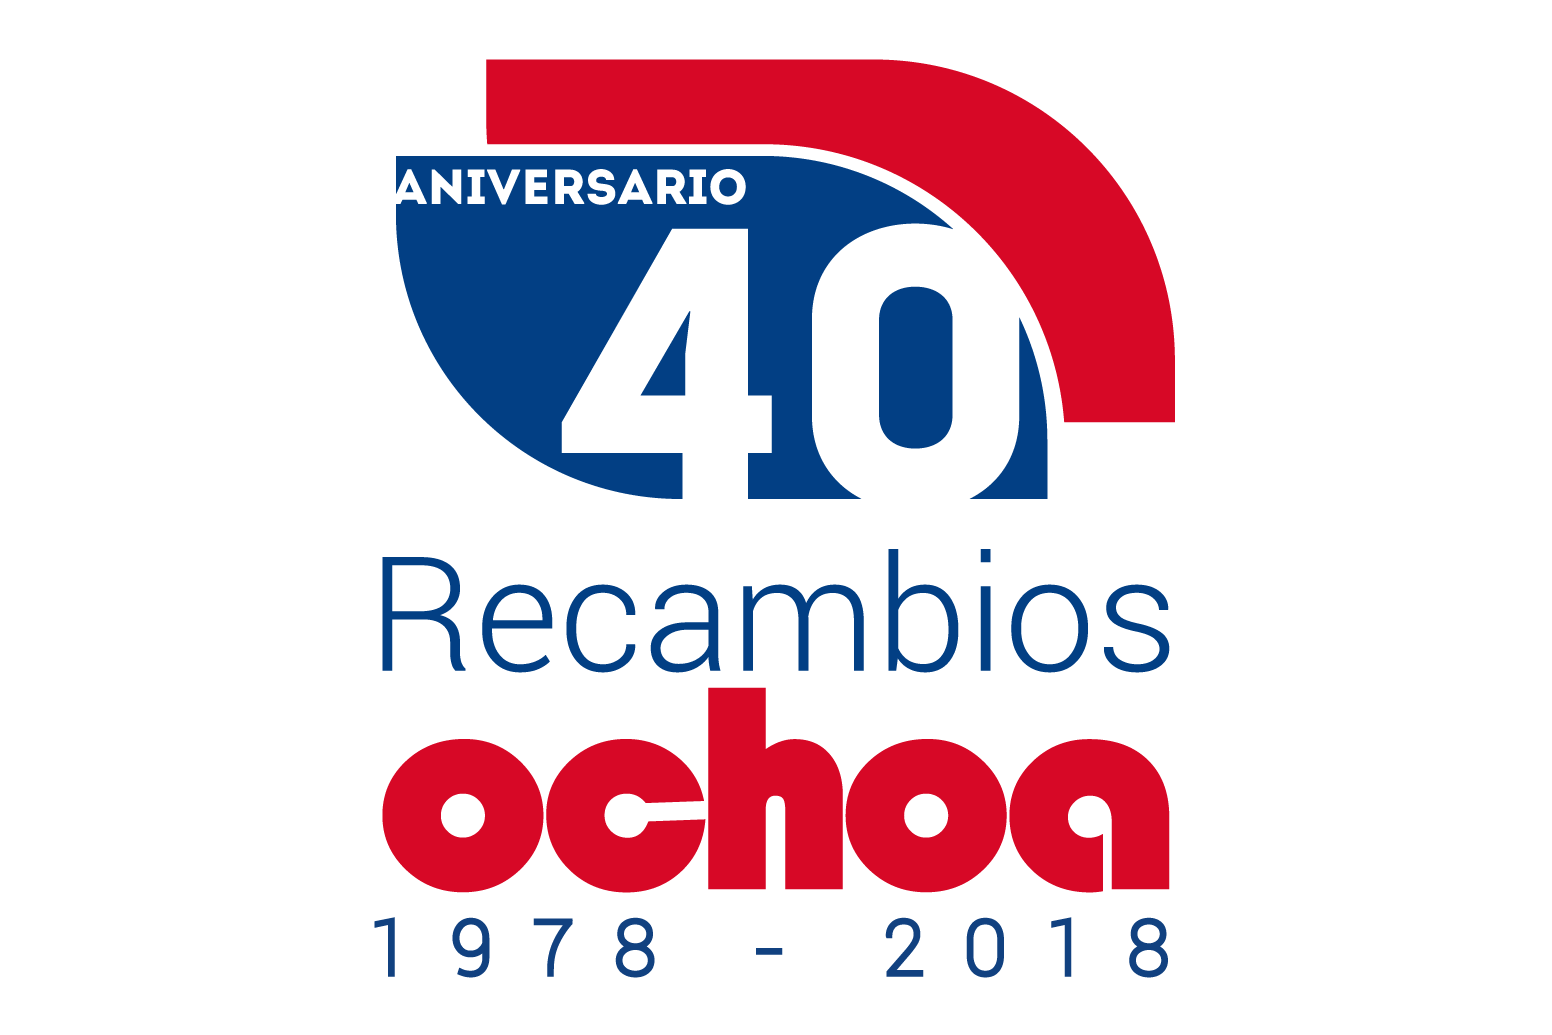 Recambios Ochoa